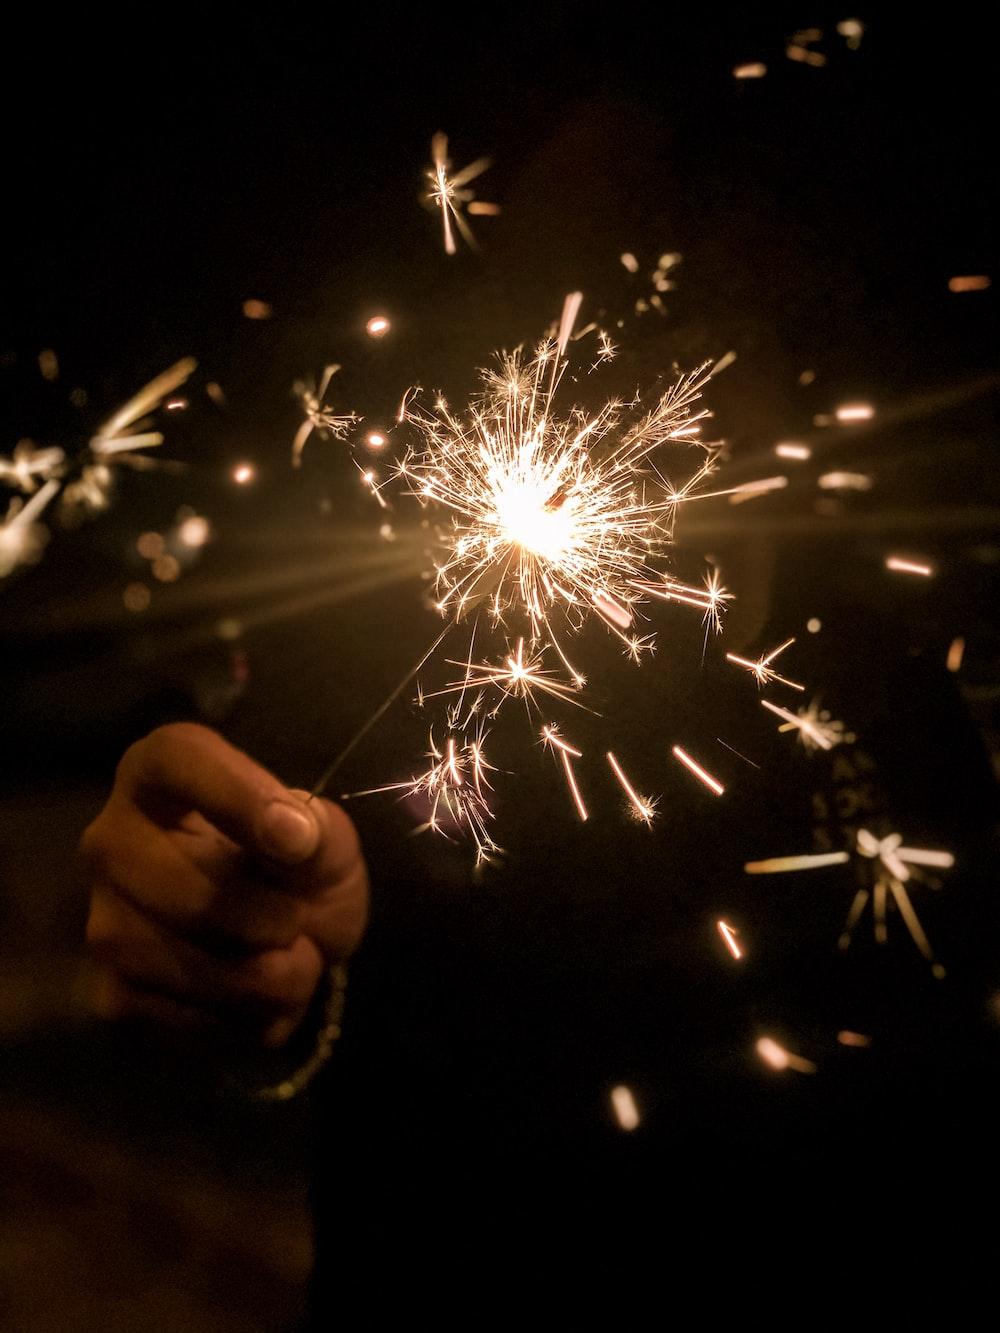 firework photograph